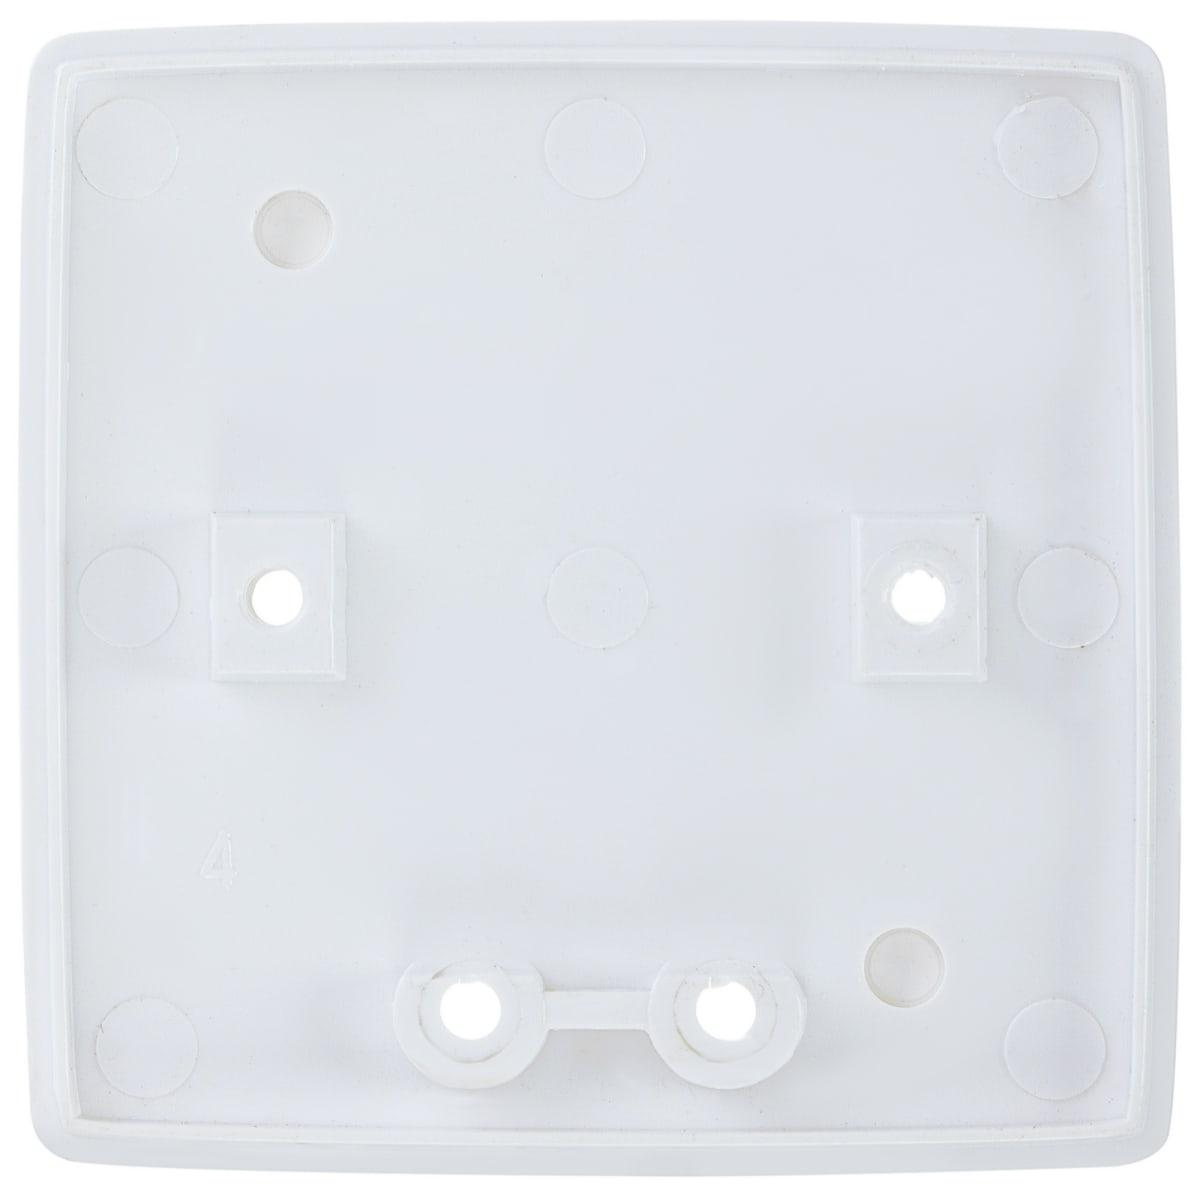 Пластина монтажная для выключателя Reone 69х69 мм, цвет белый